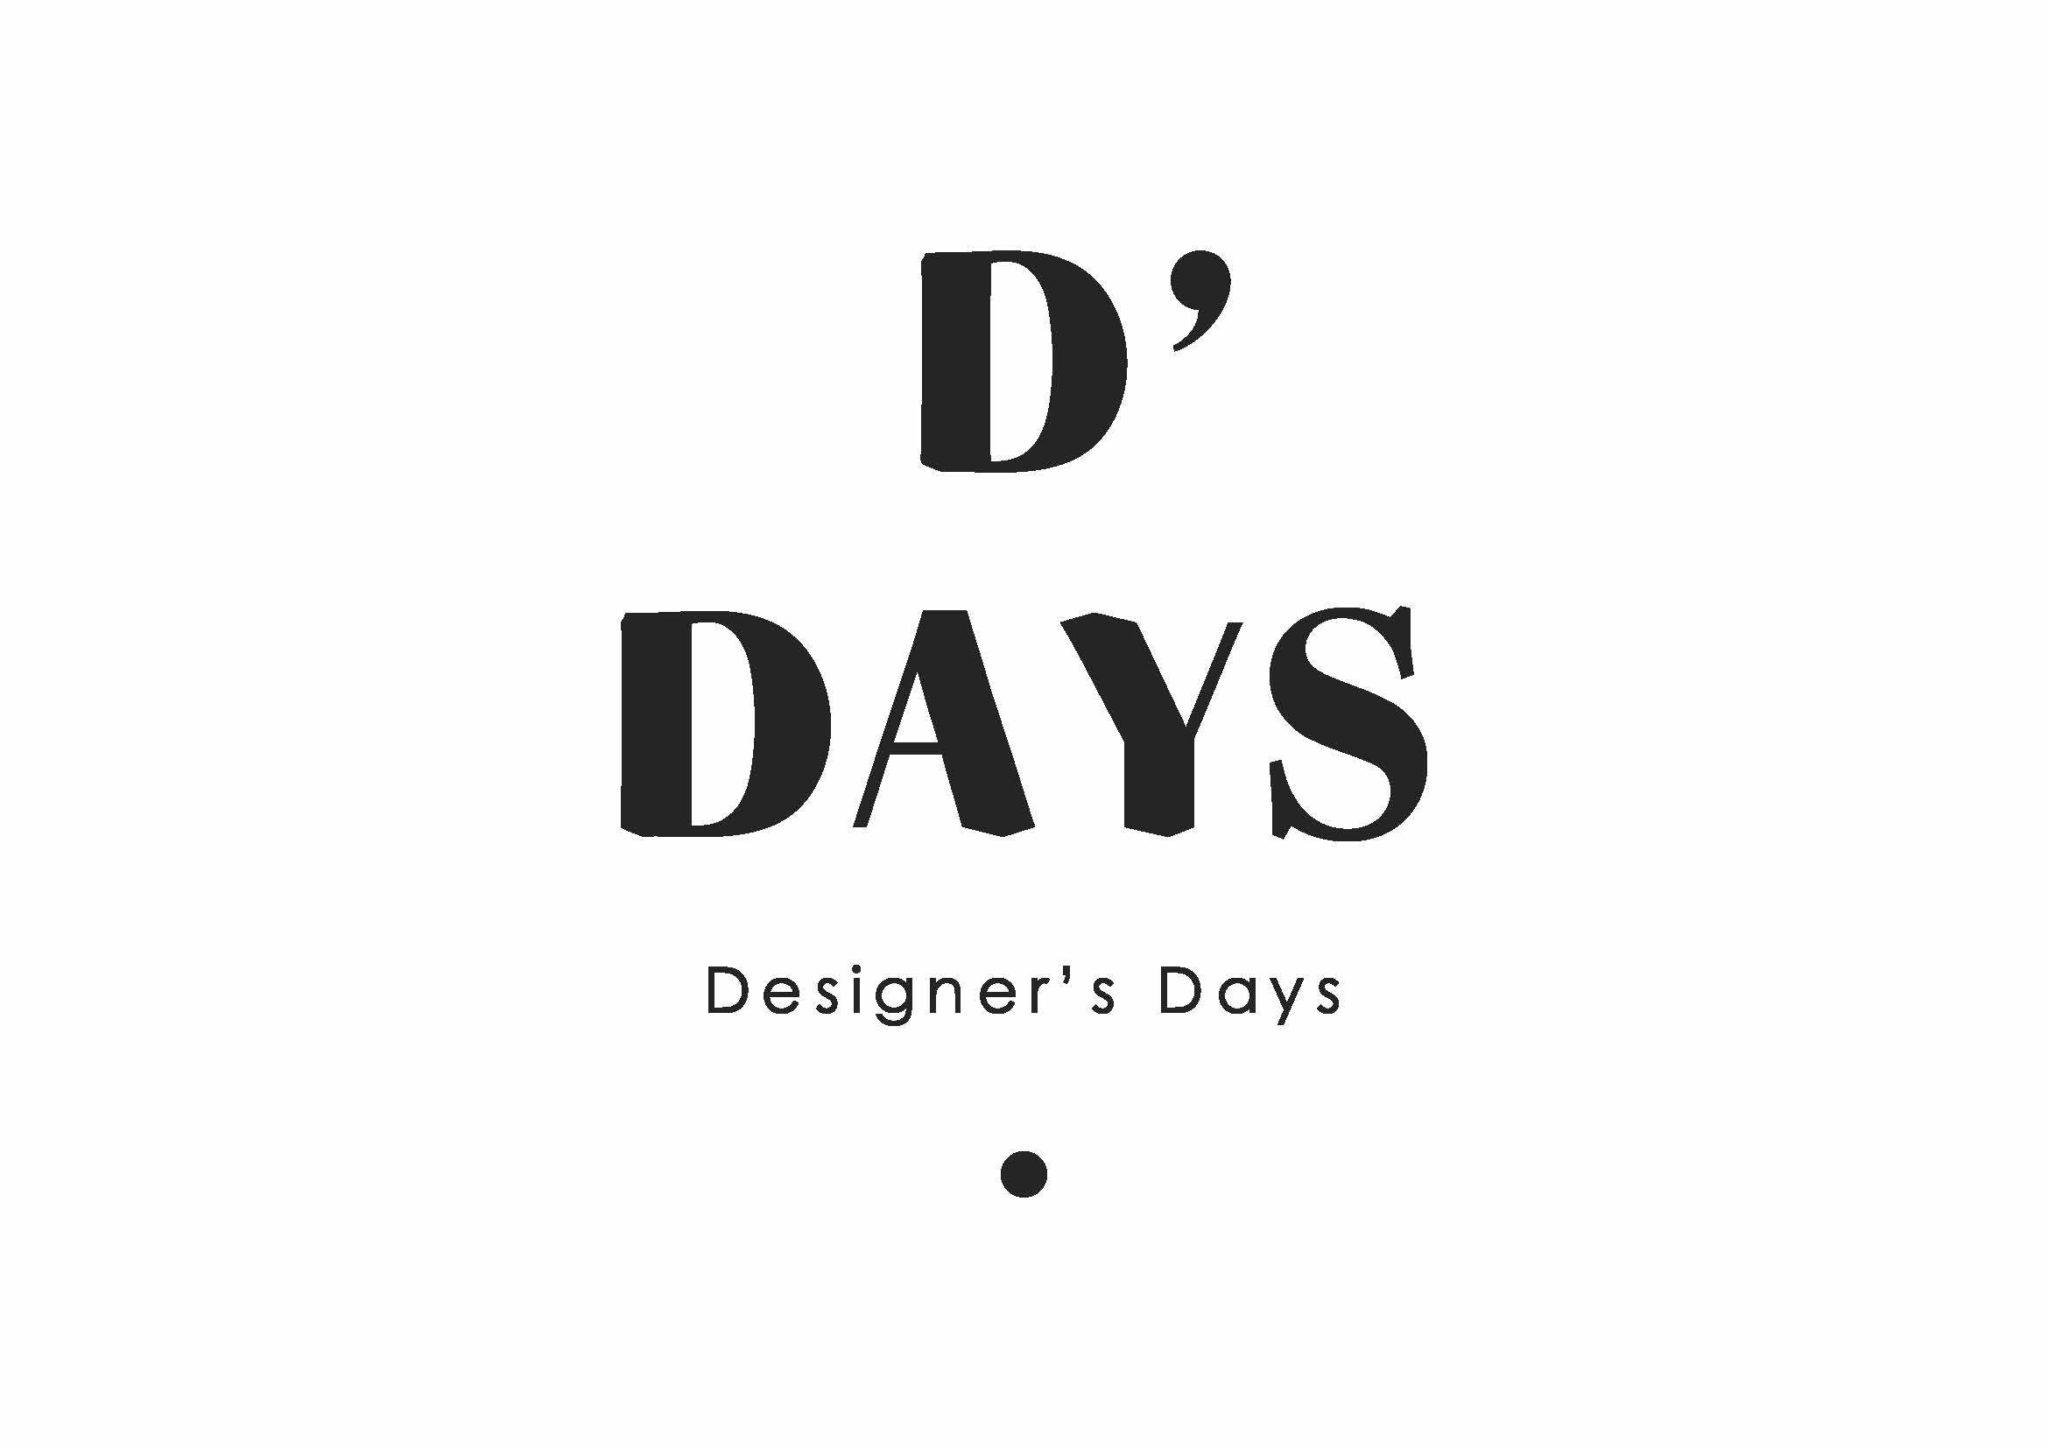 DESIGNER'S DAYS 2013 (D'DAYS 2013) – Nouveautés, Infos Pratiques, Reportages…